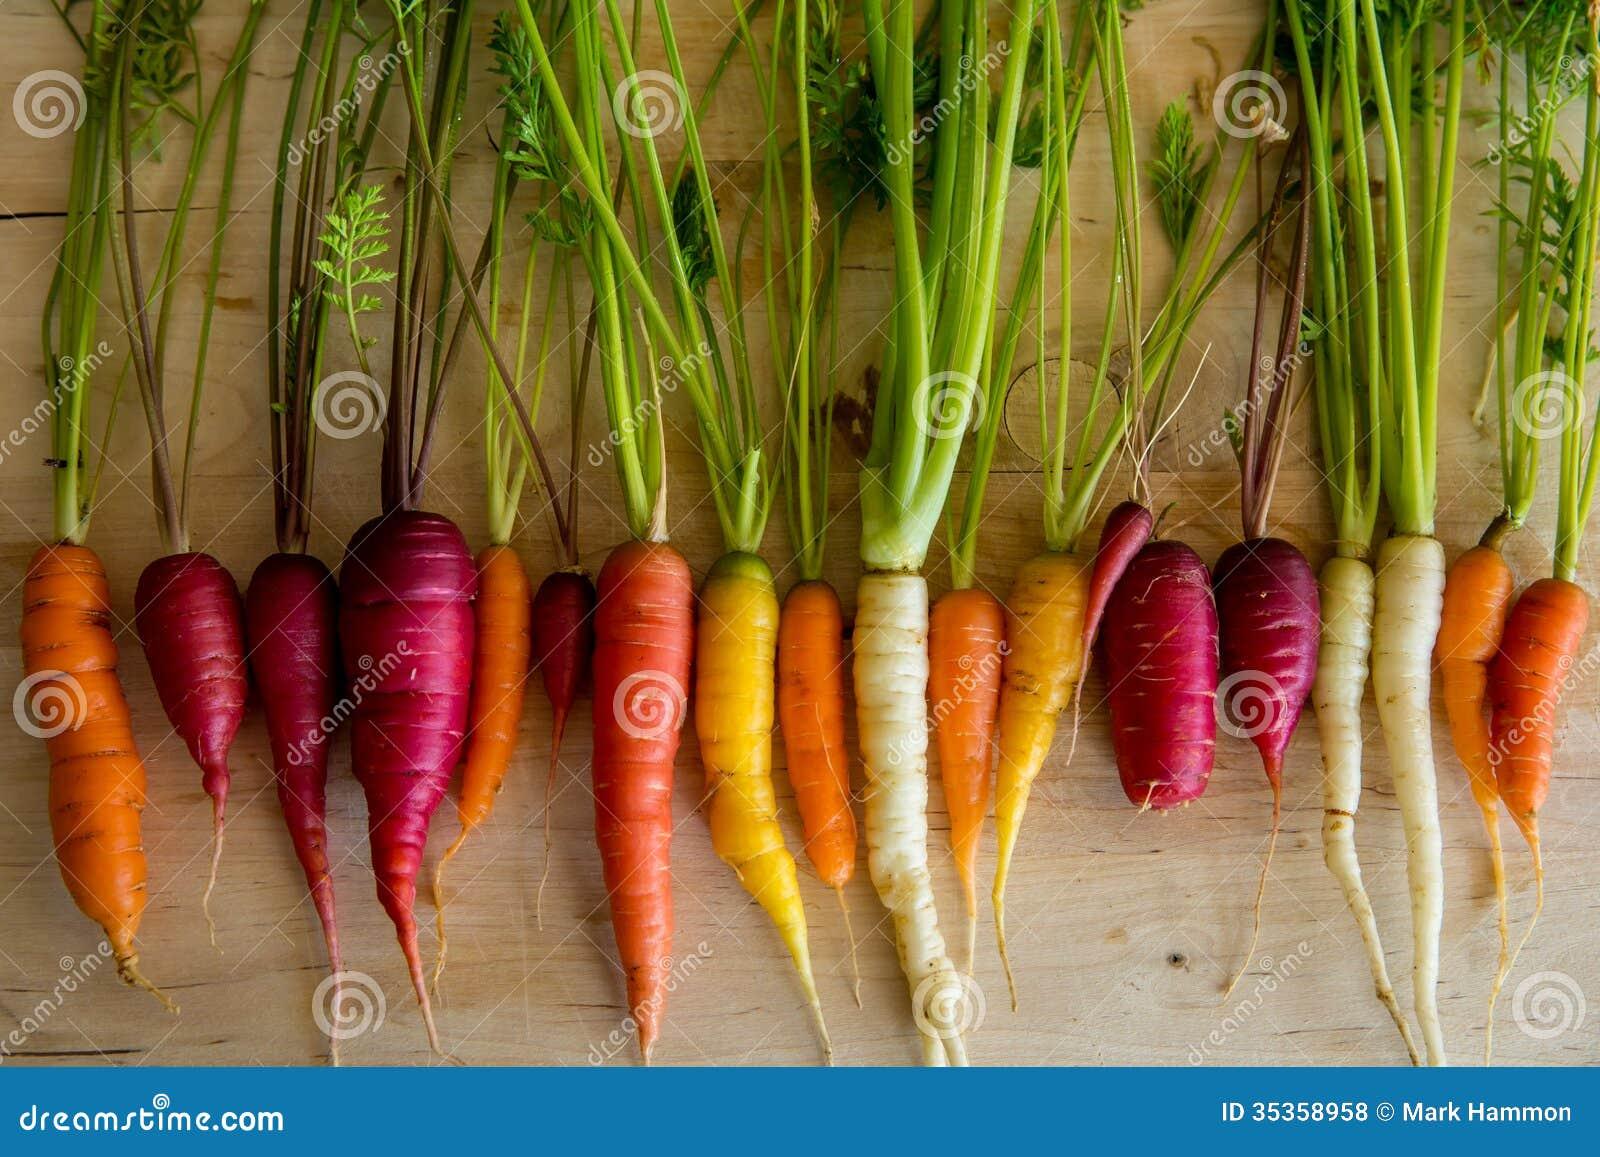 Органические моркови